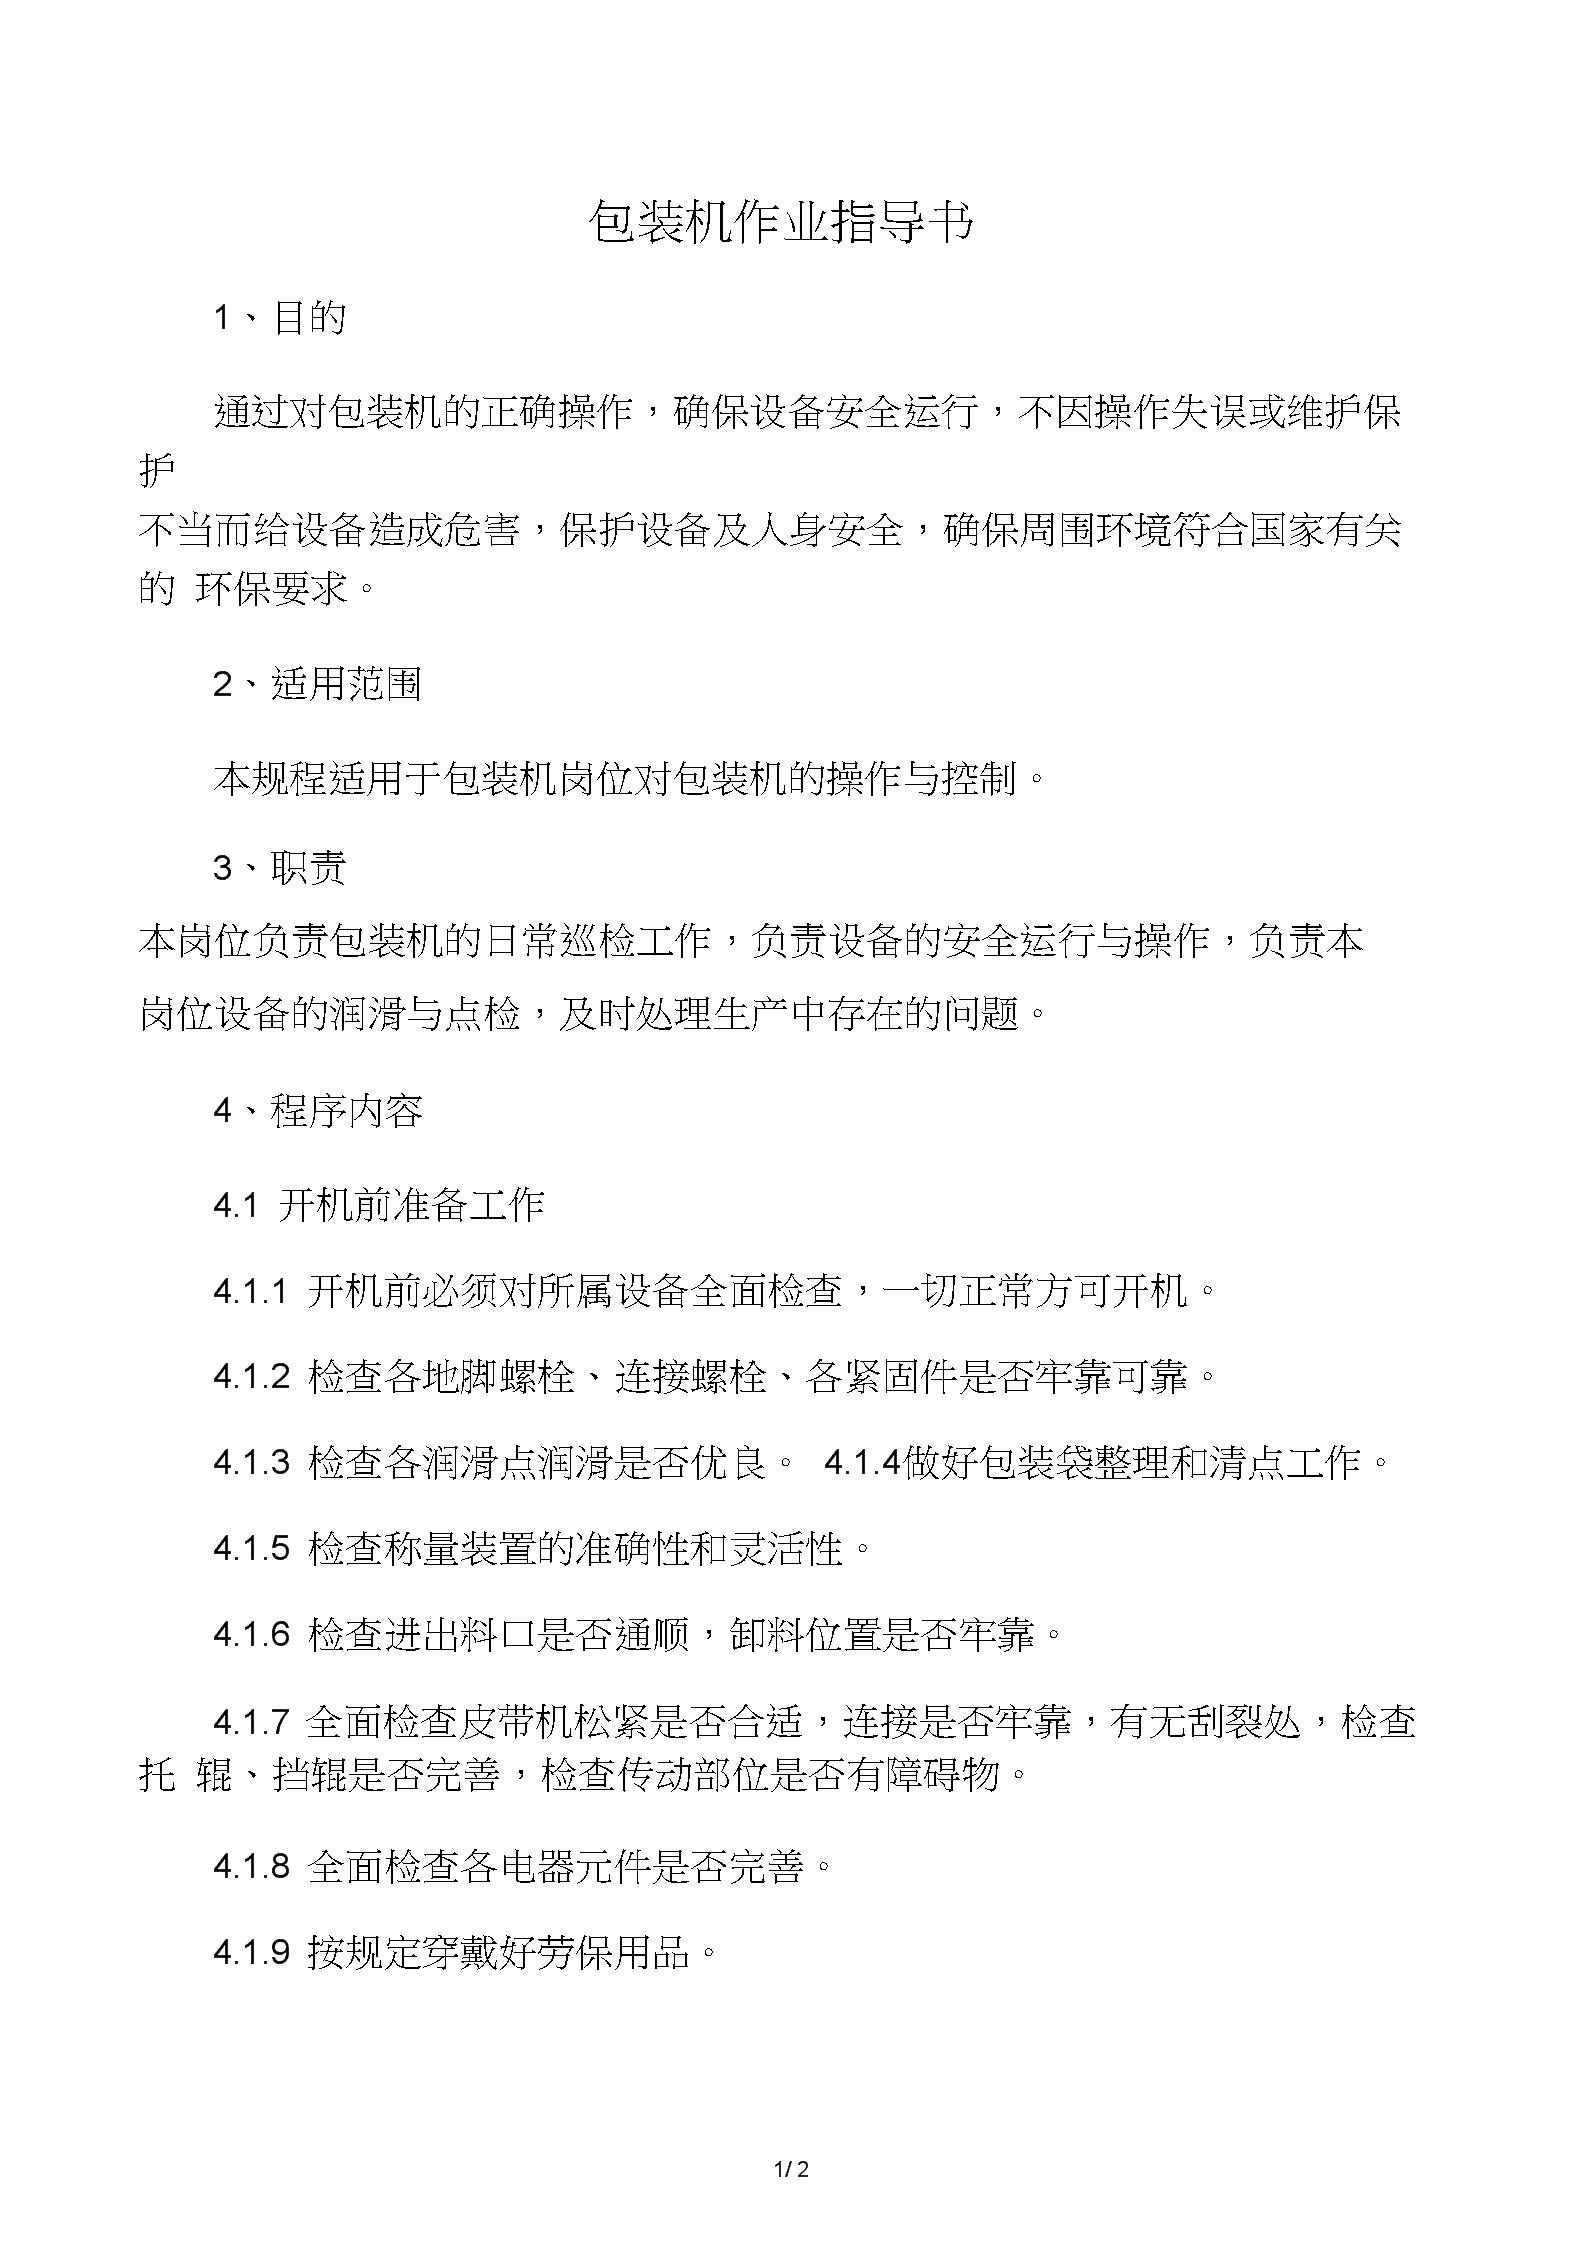 包装机作业指导书样本.docx